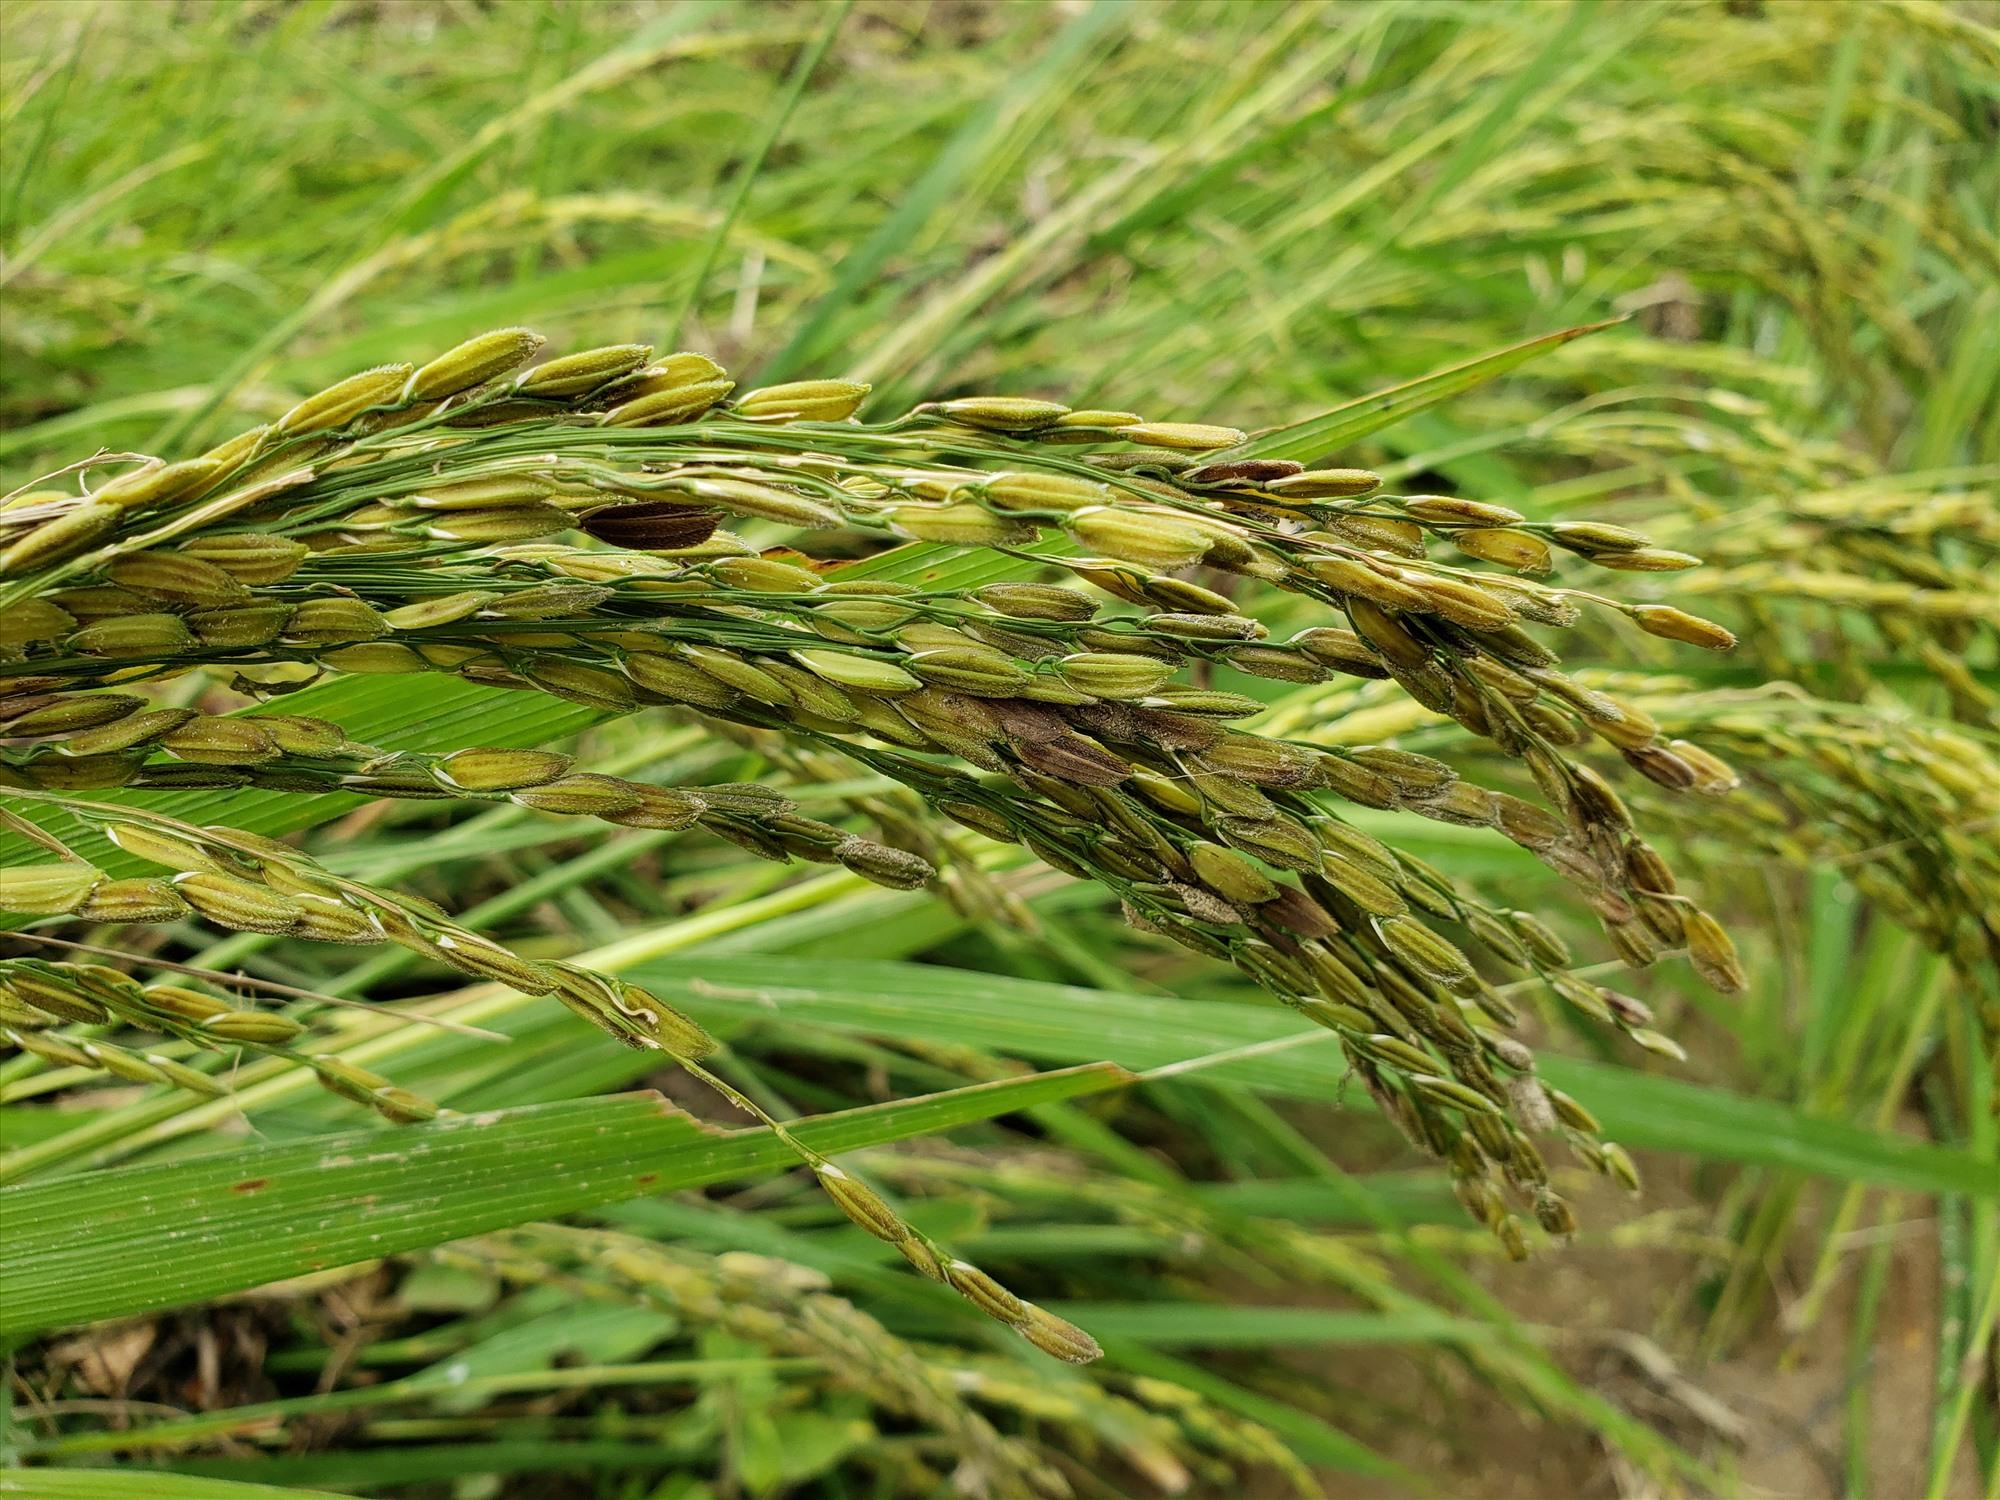 Lúa mới trổ bông nên người dân không thể thu hoạch trước khi lũ về. Ảnh: THANH THẮNG